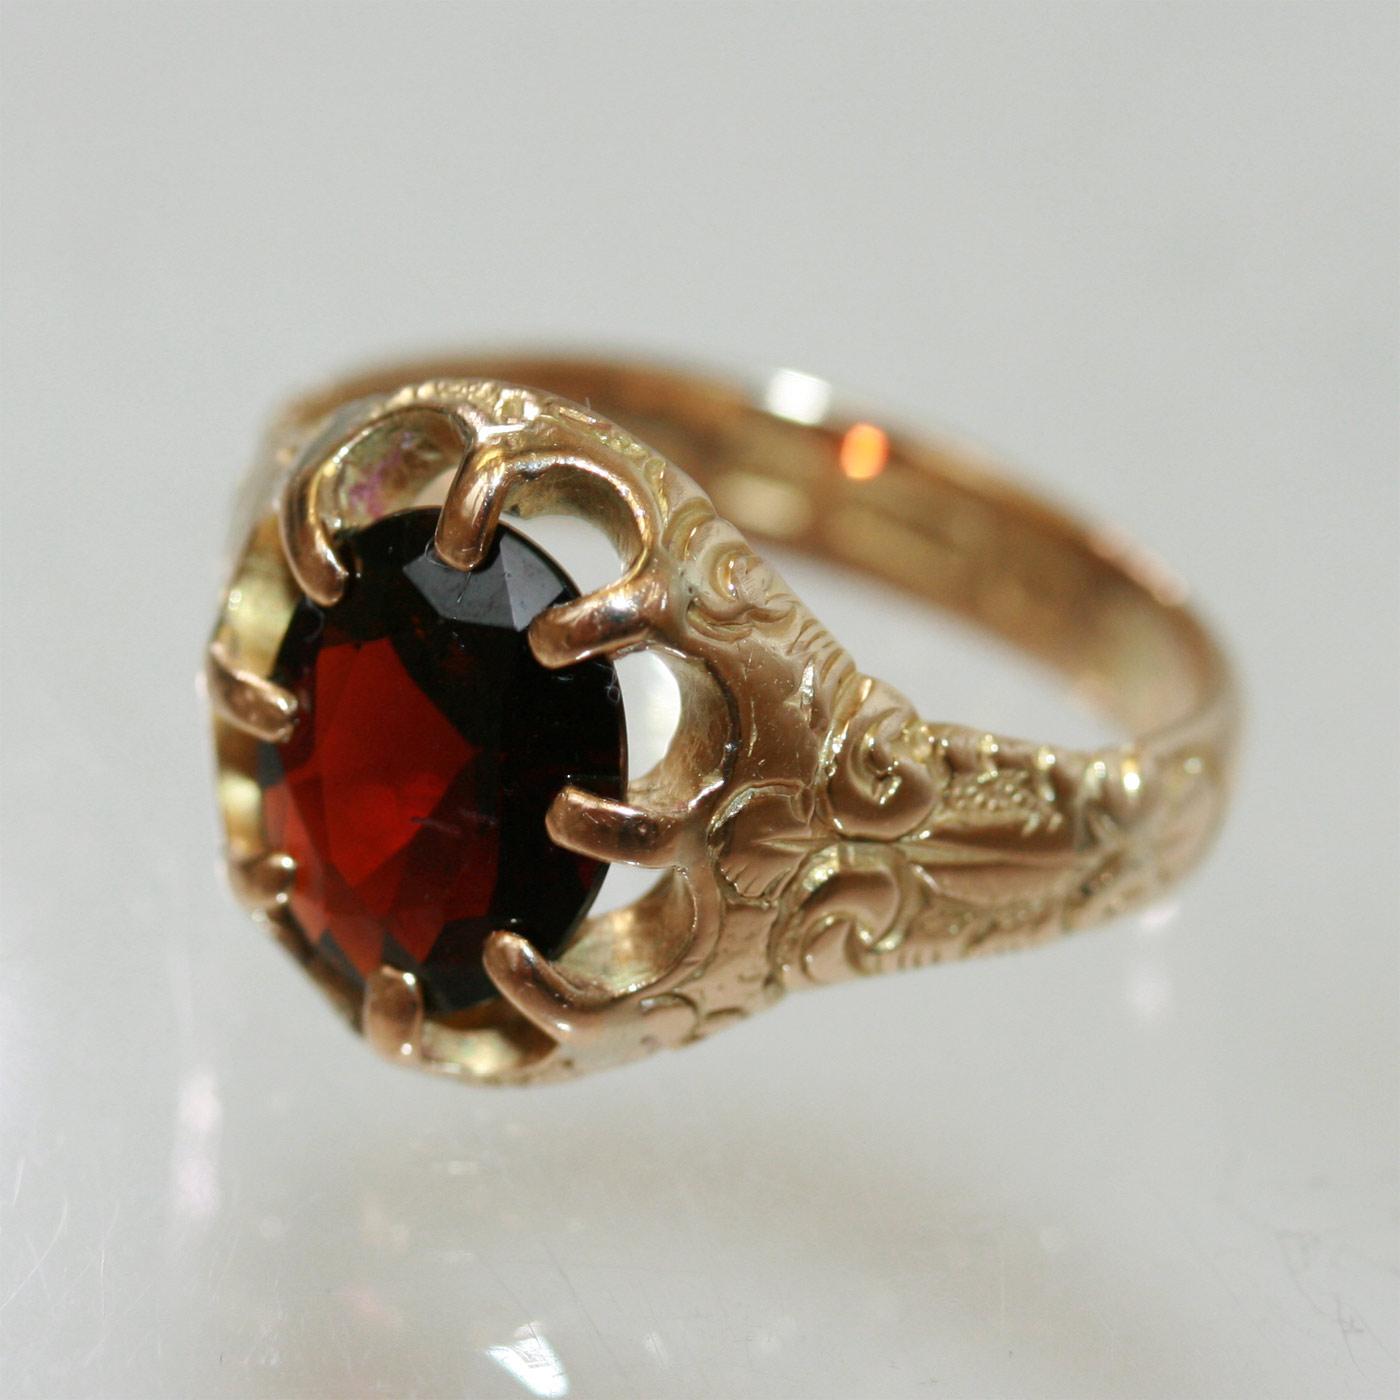 Buy Victorian Garnet Ring Sold Items Sold Rings Sydney